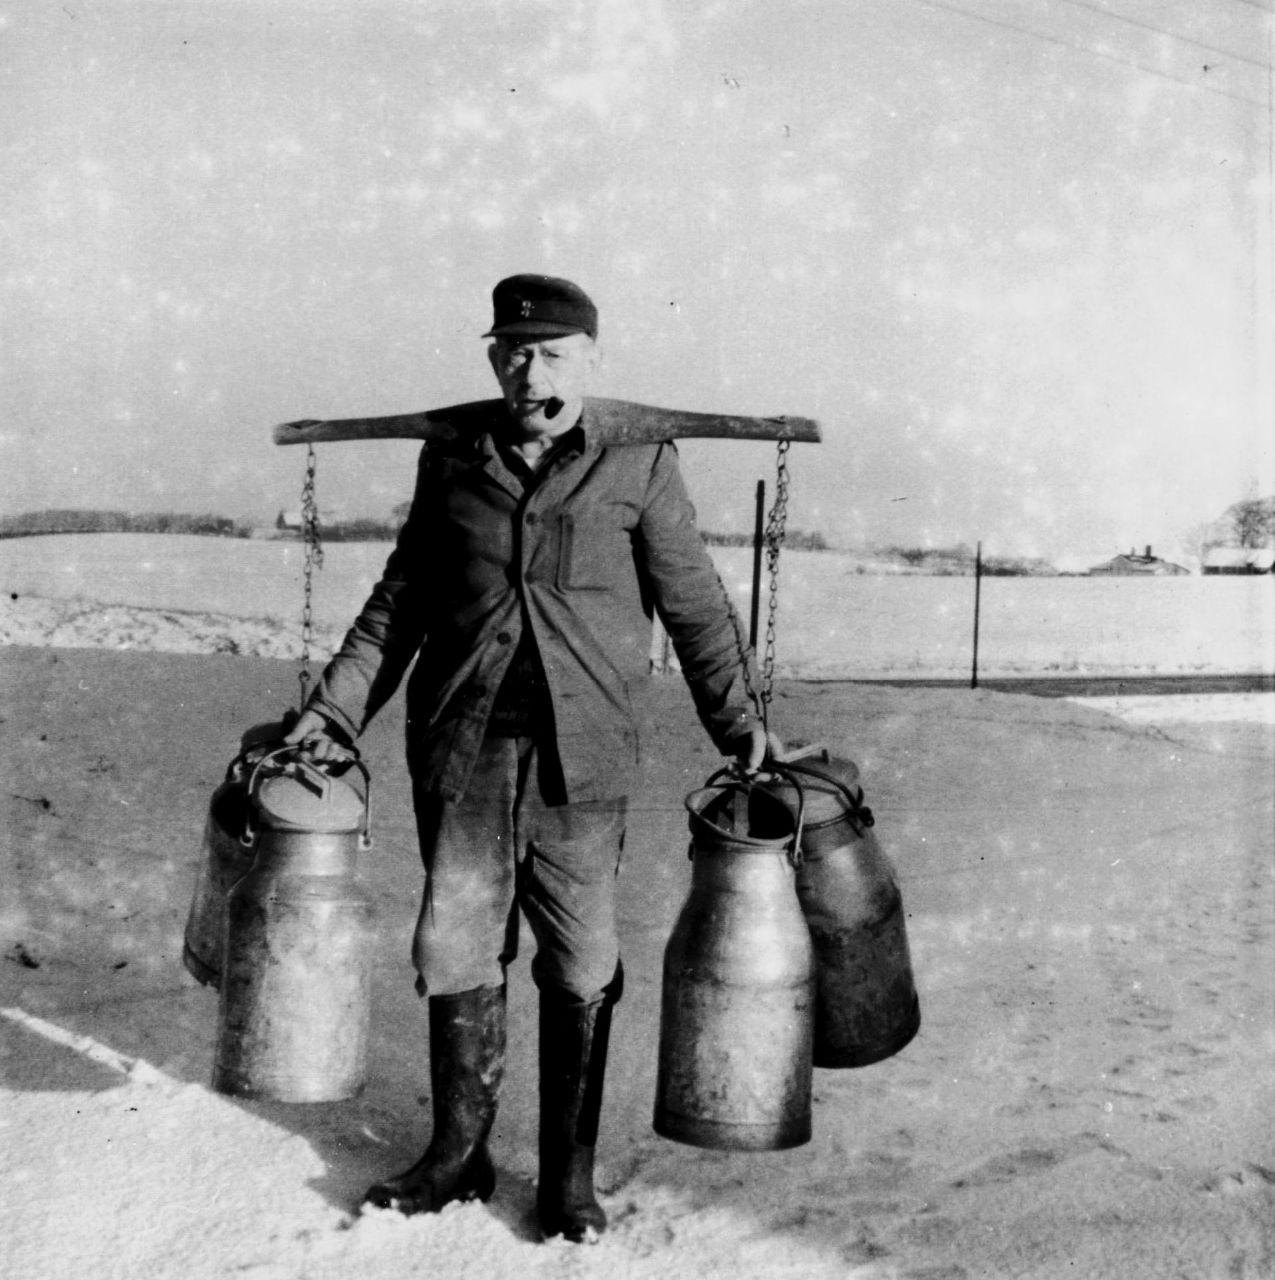 Paul Pukall mit Milchkannen 1953